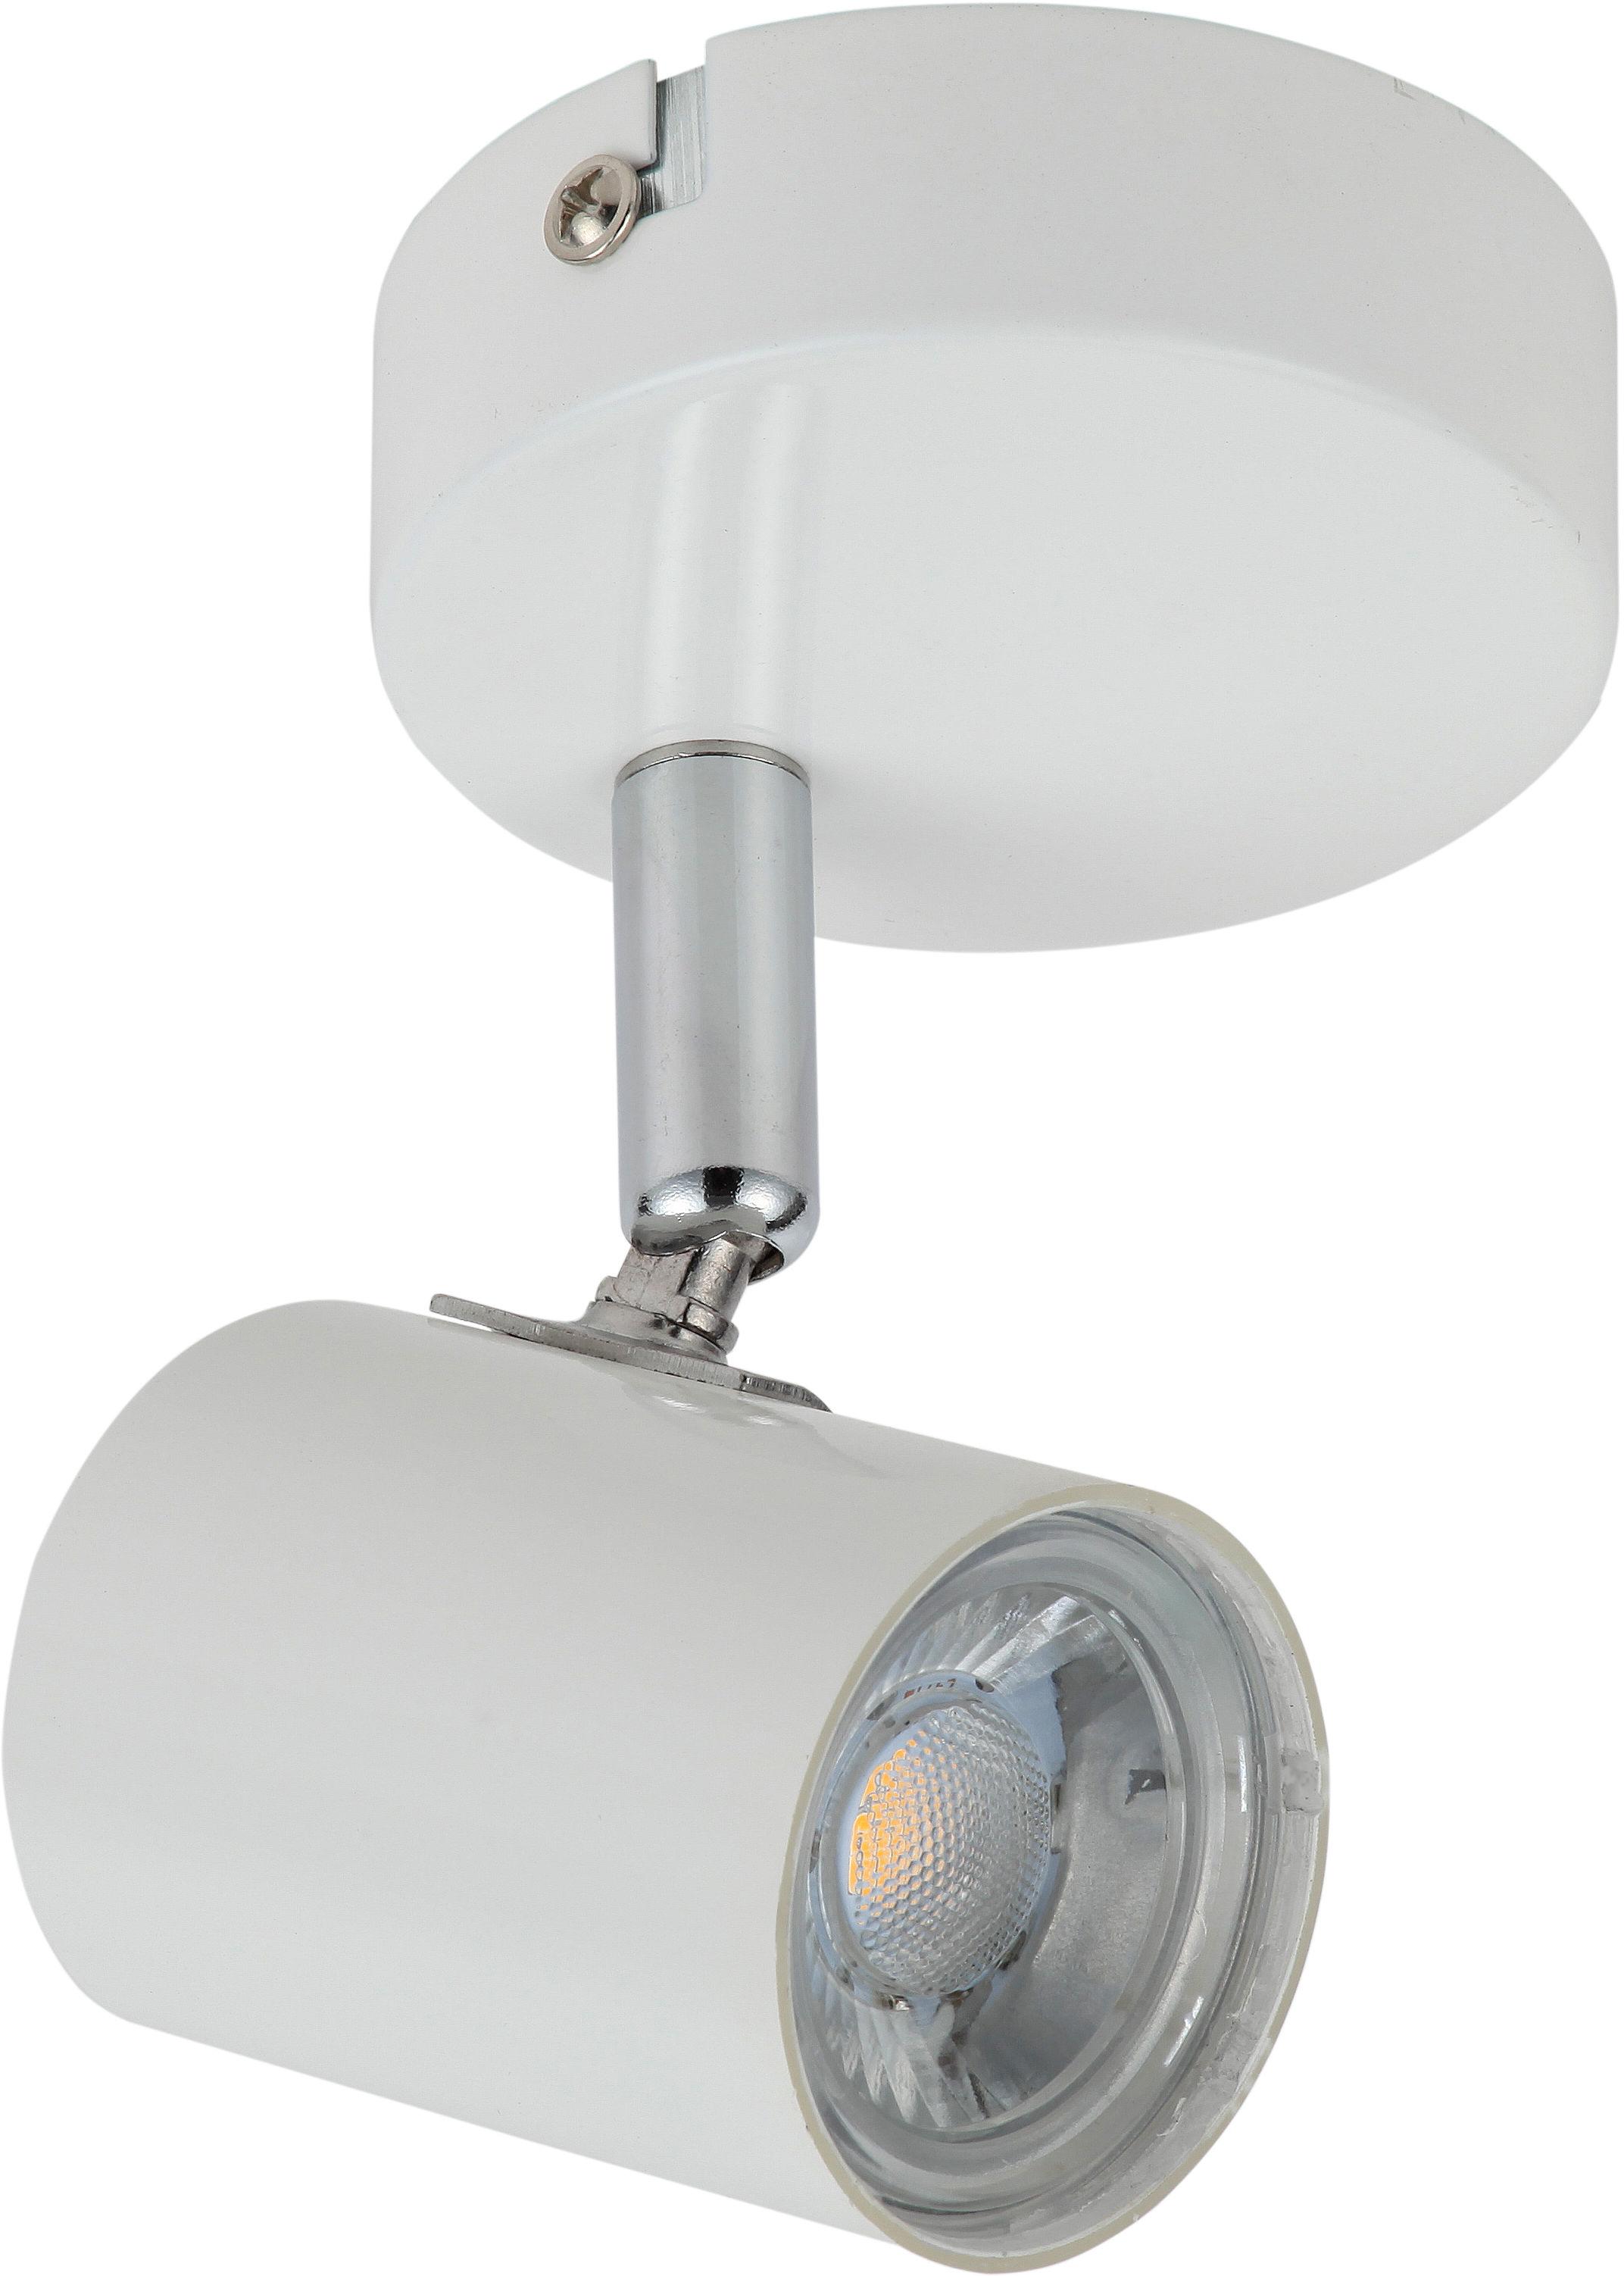 Candellux HALLEY 91-49520 kinkiet lampa ścienna biała 1X4W LED BIAŁY 5cm